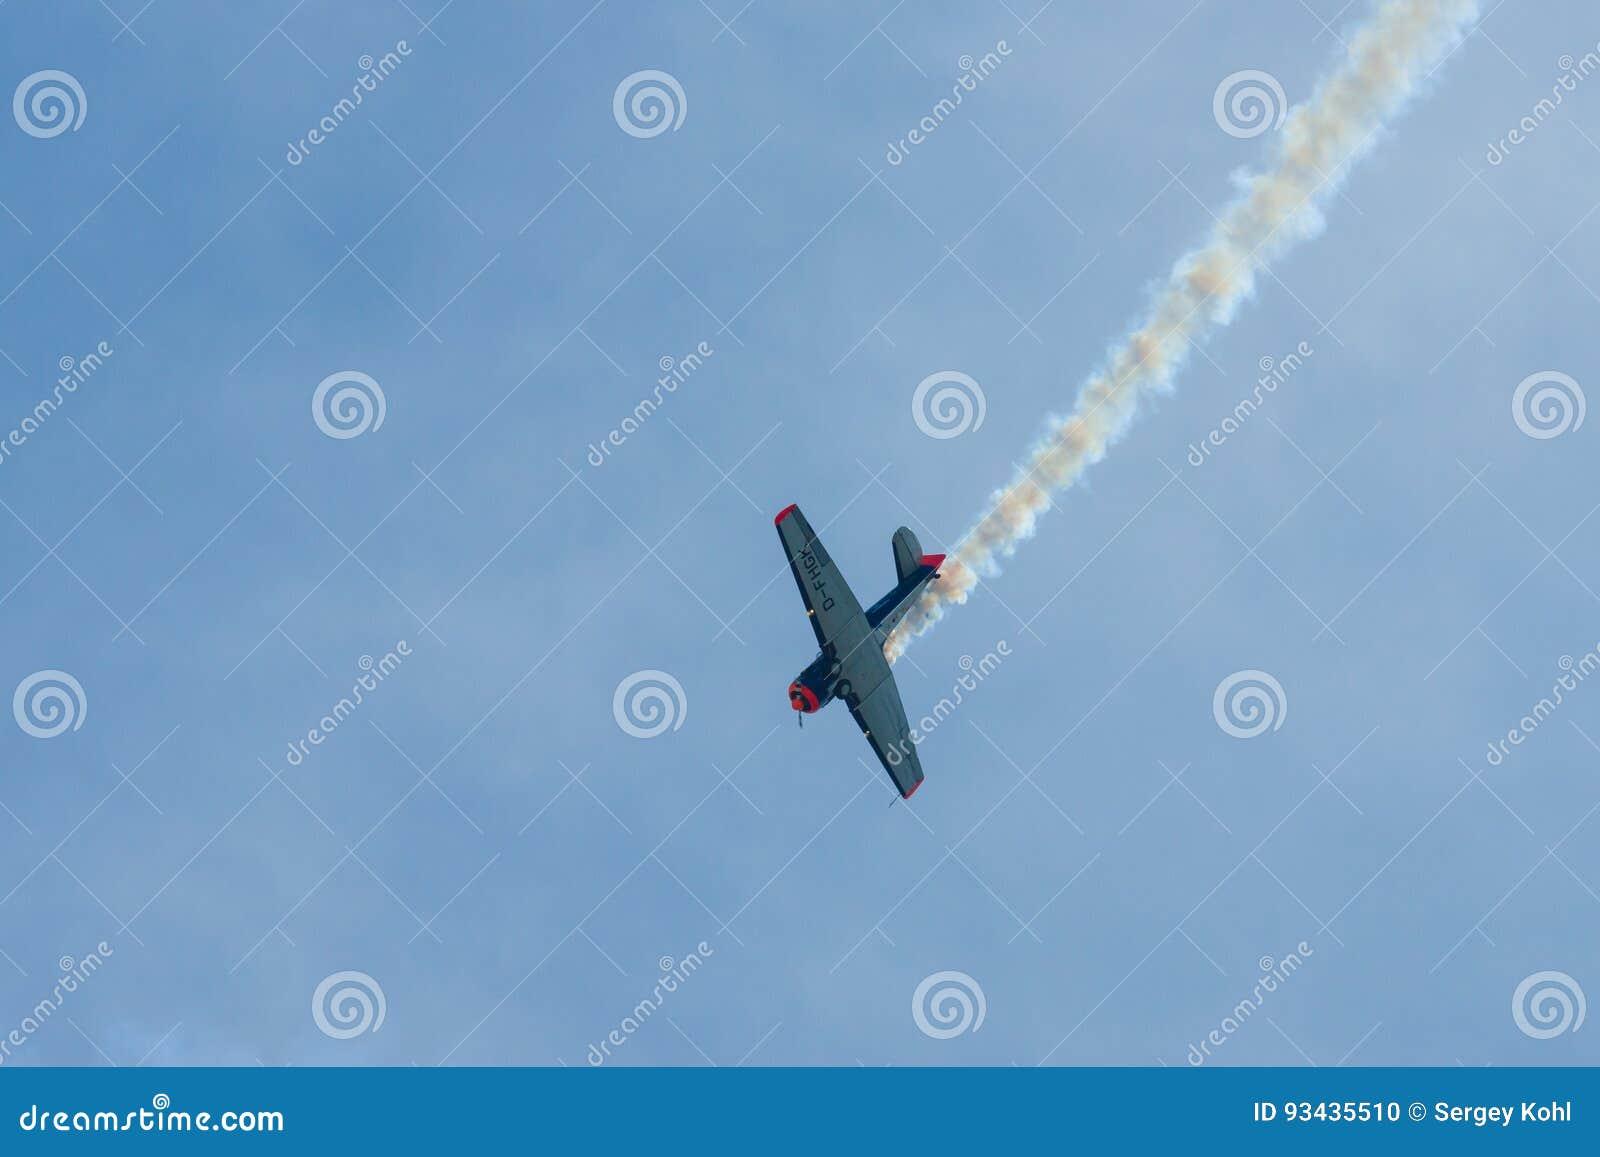 Demonstratievlucht van een single-engined geavanceerd trainervliegtuig Texan Noord-Amerikaan t-6